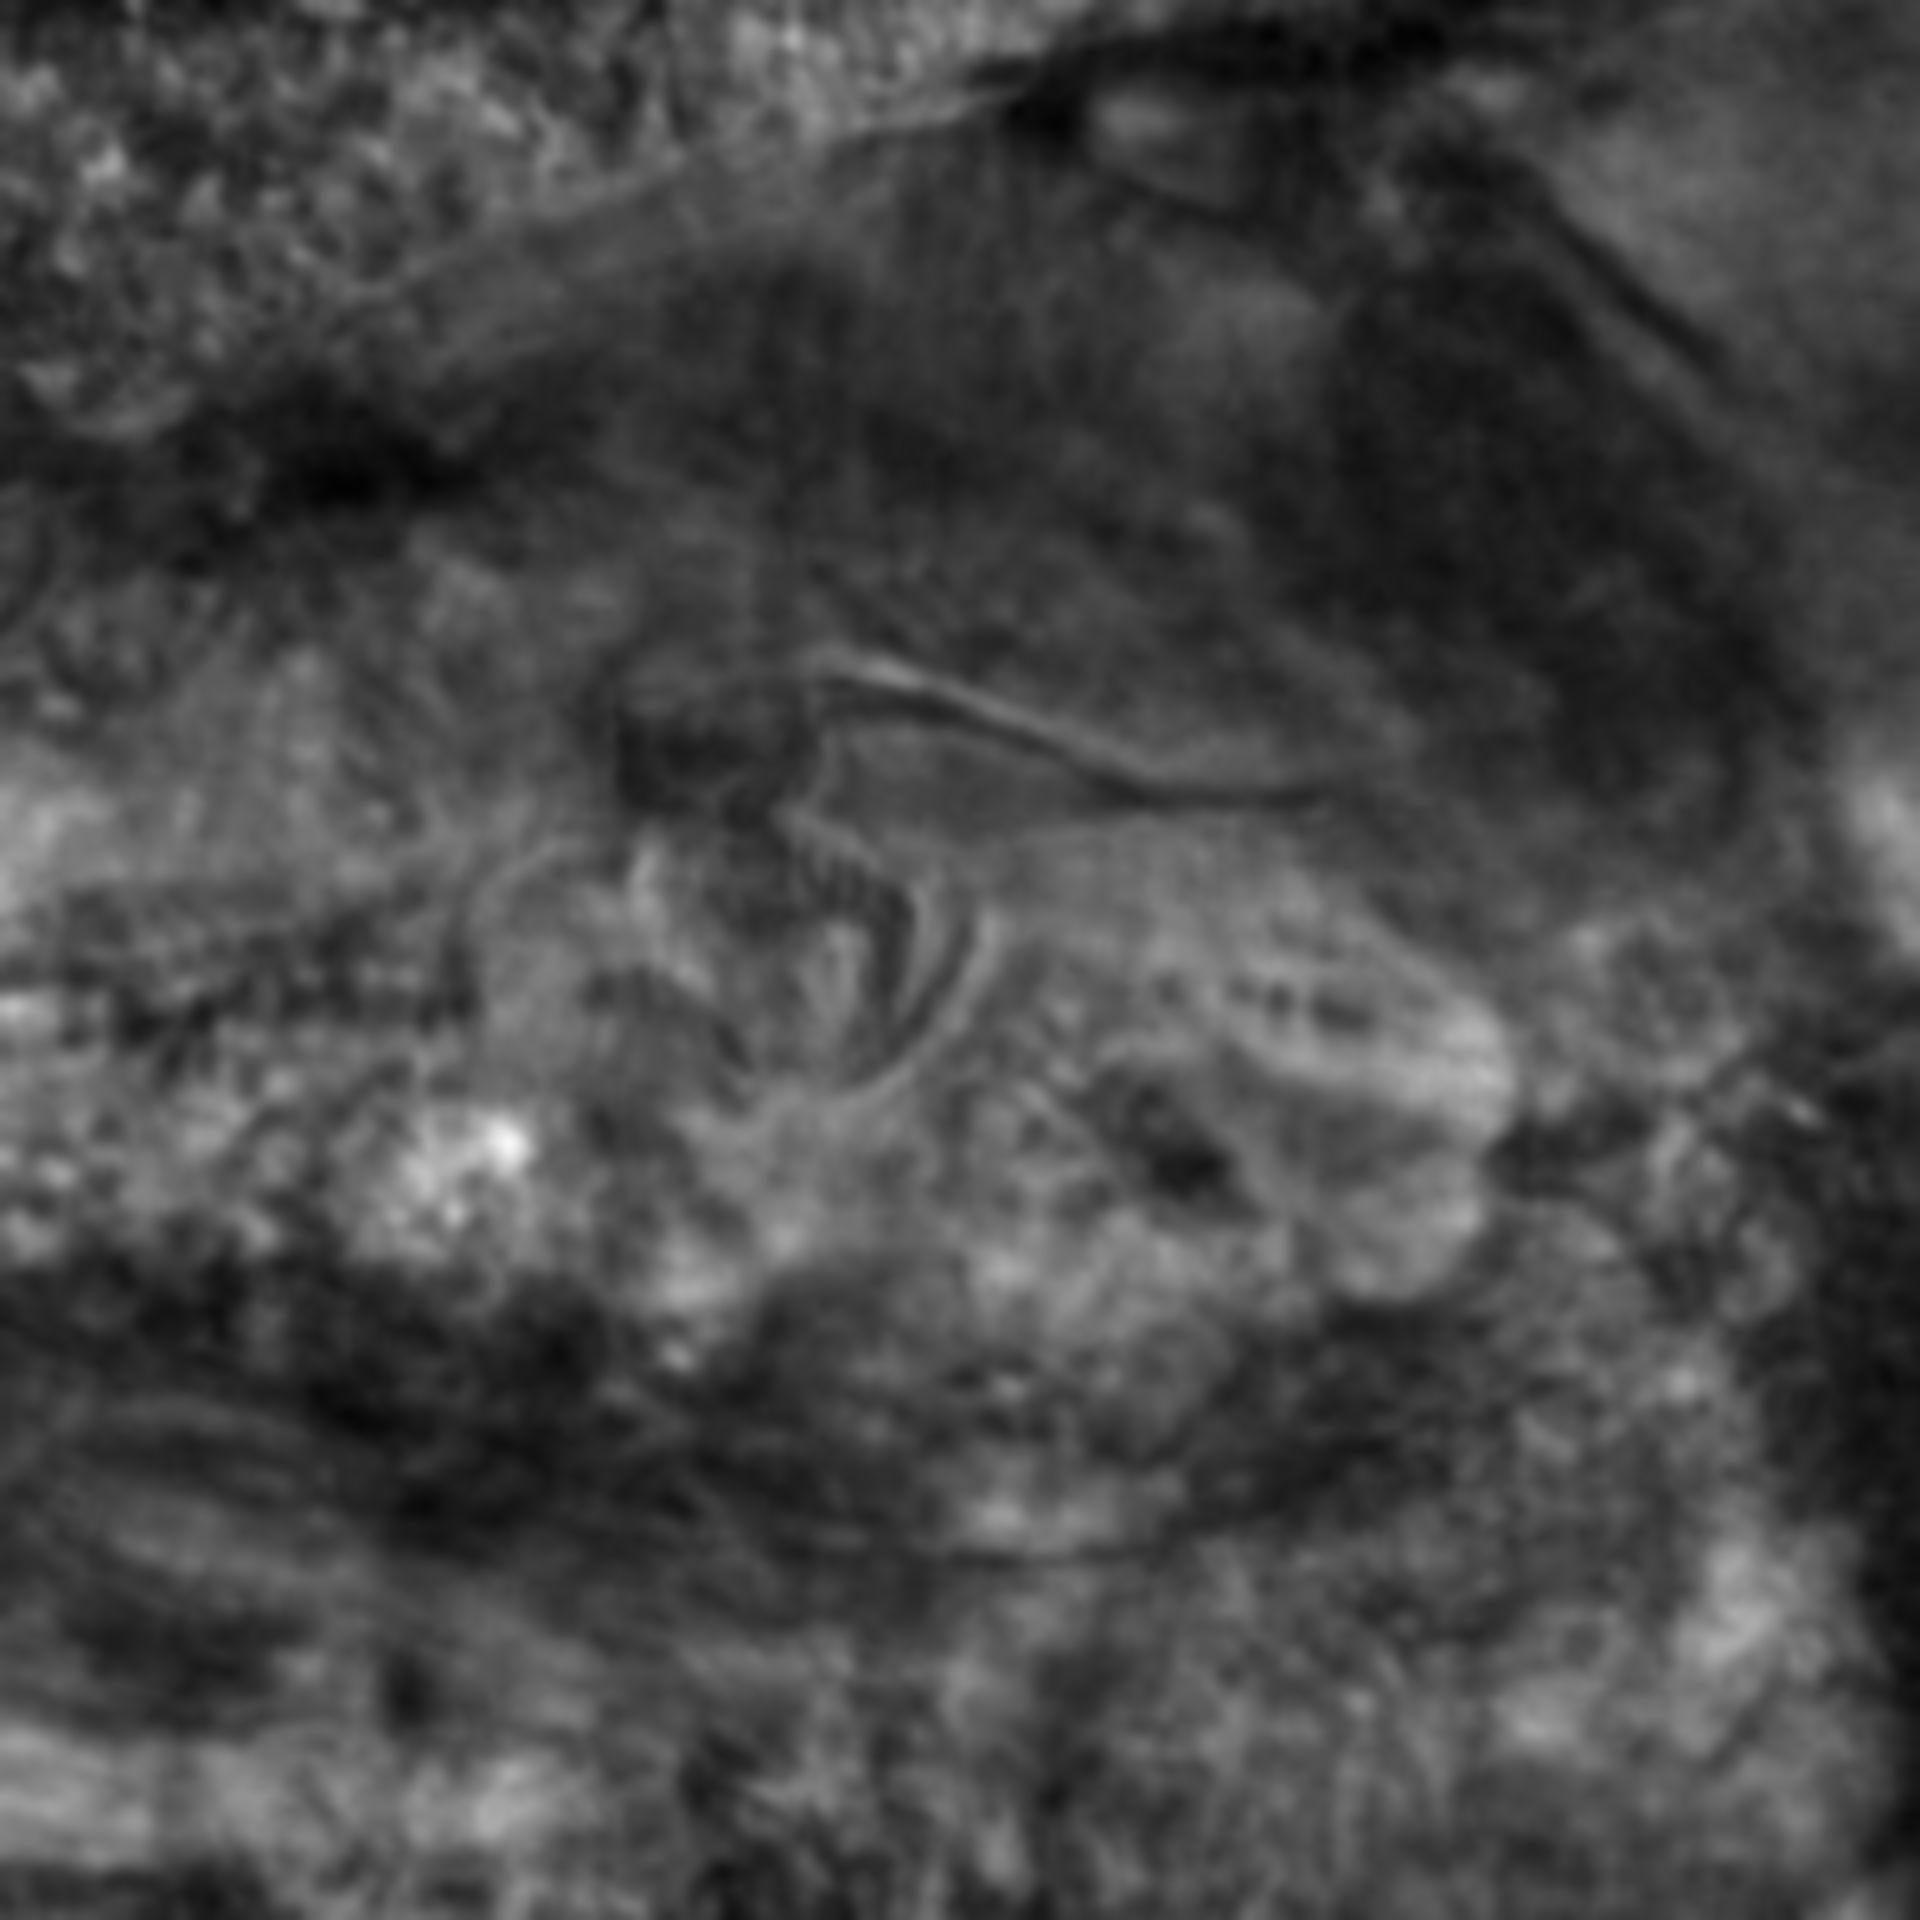 Caenorhabditis elegans - CIL:2807